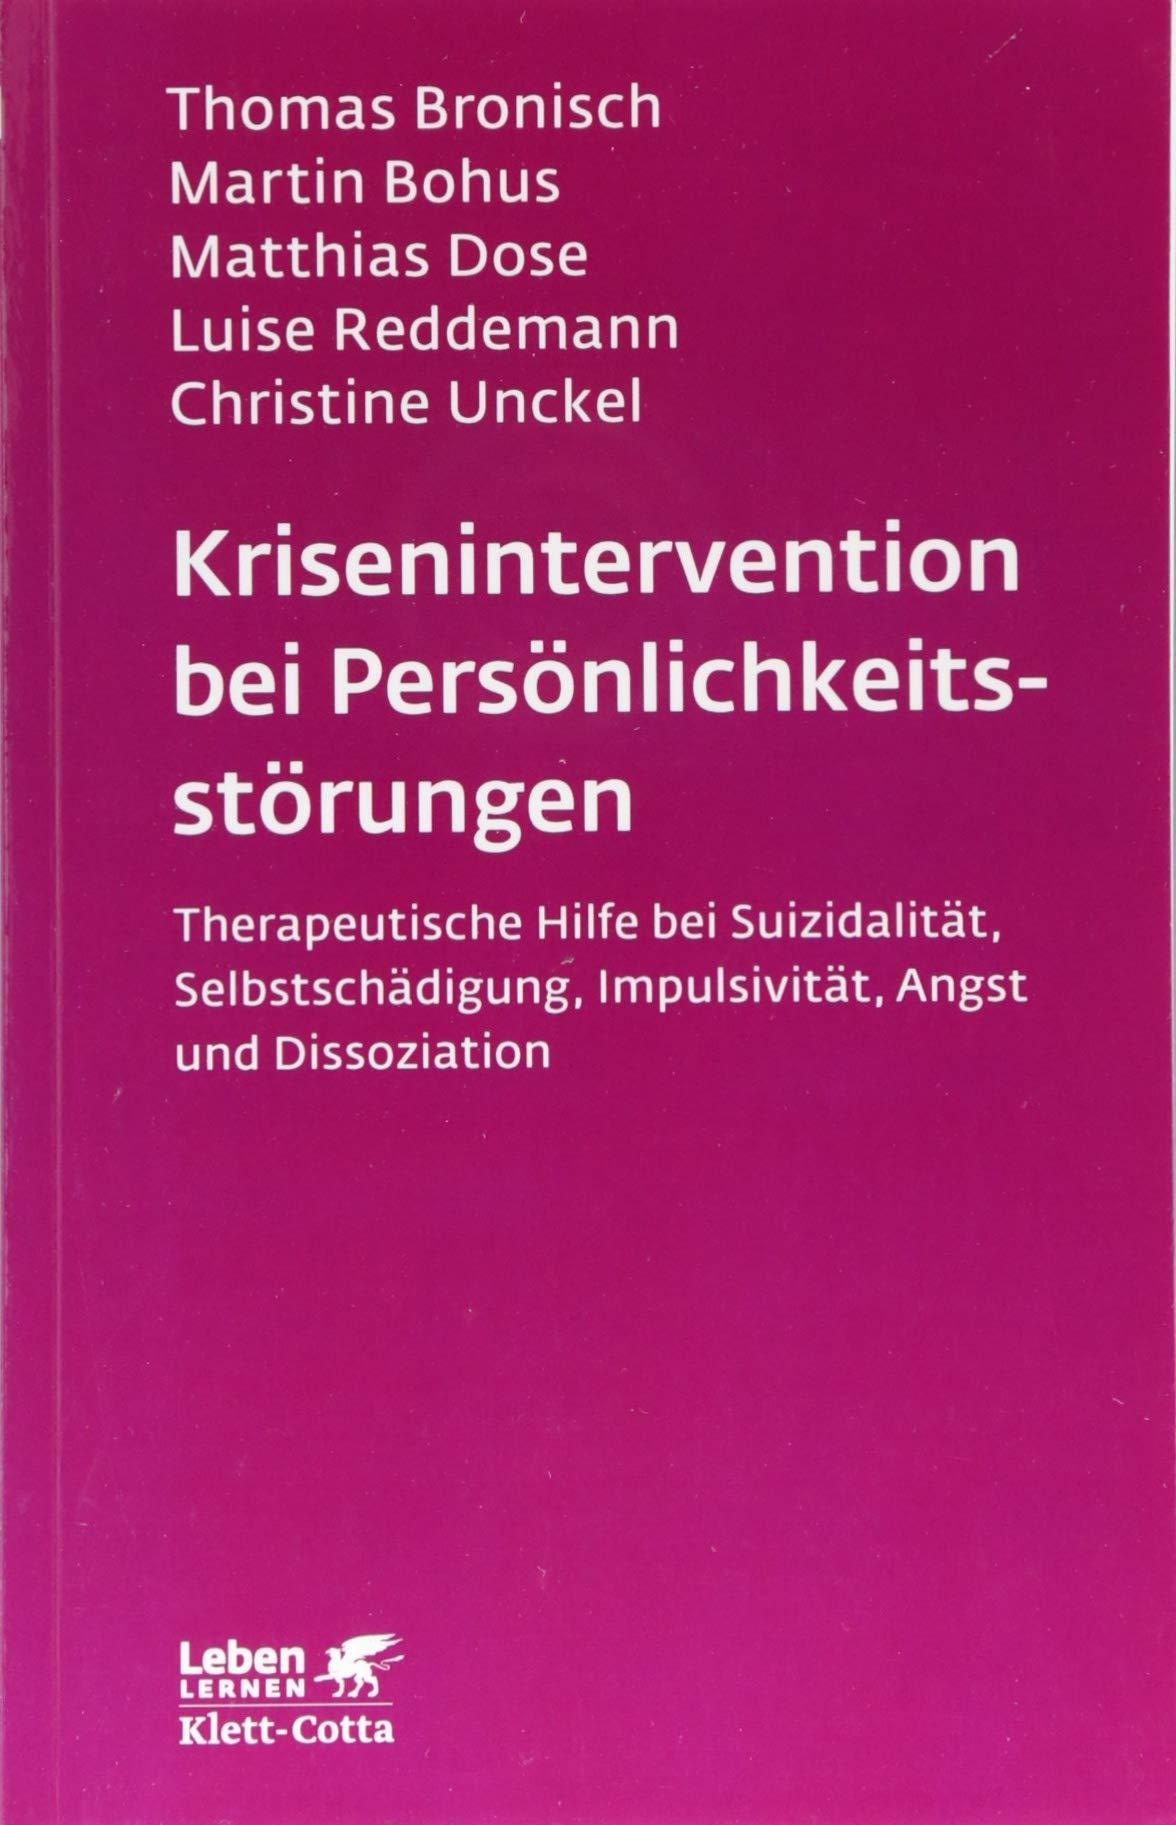 Krisenintervention Bei Persönlichkeitsstörung  Therapeutische Hilfe Bei Suizidalität Selbstschädigung Impulsivität Angst Und Dissoziation  Leben Lernen